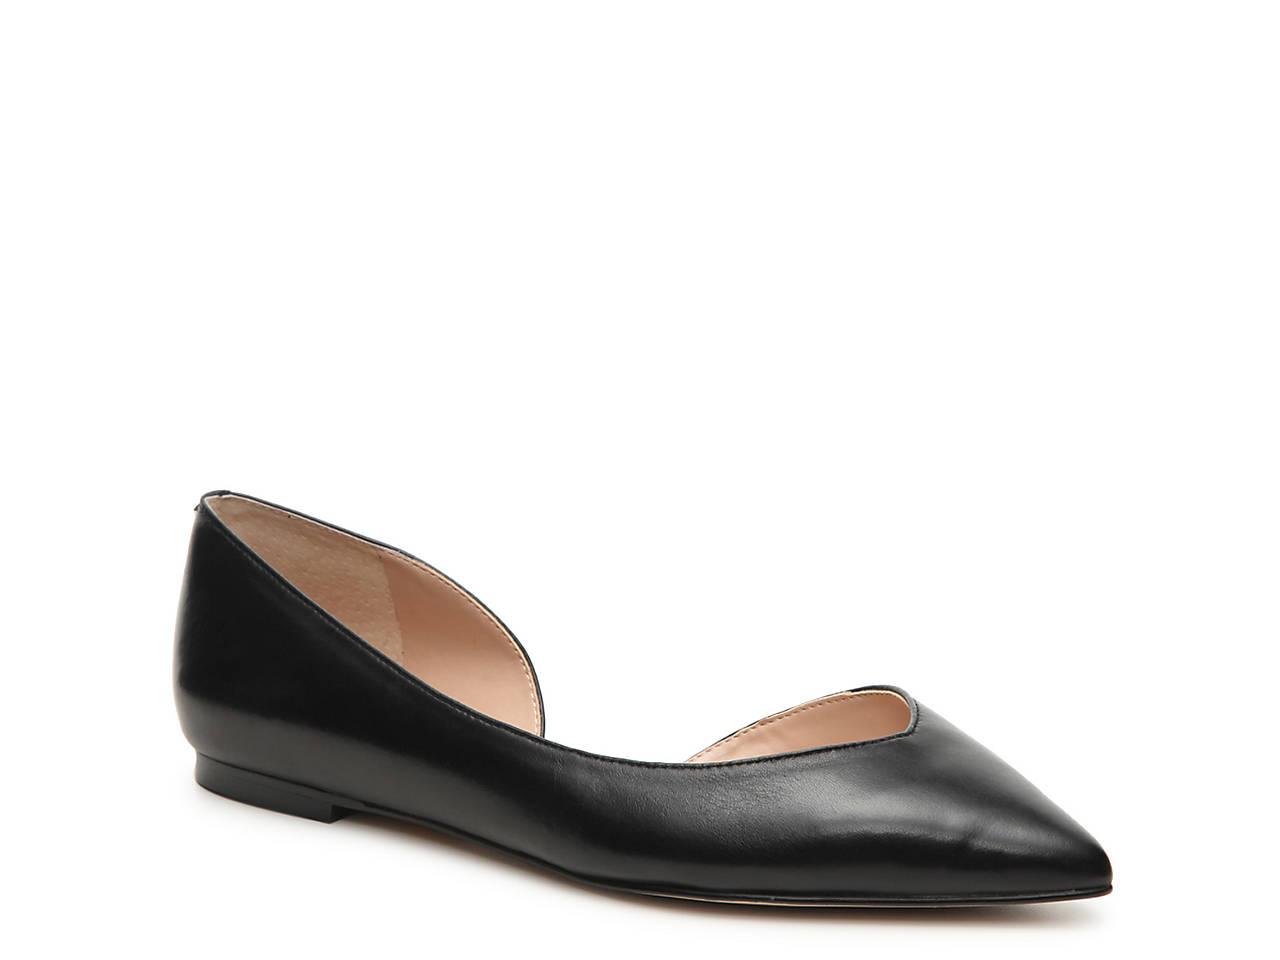 d3b4a7e995c86 Sam Edelman Roxane Flat Women s Shoes